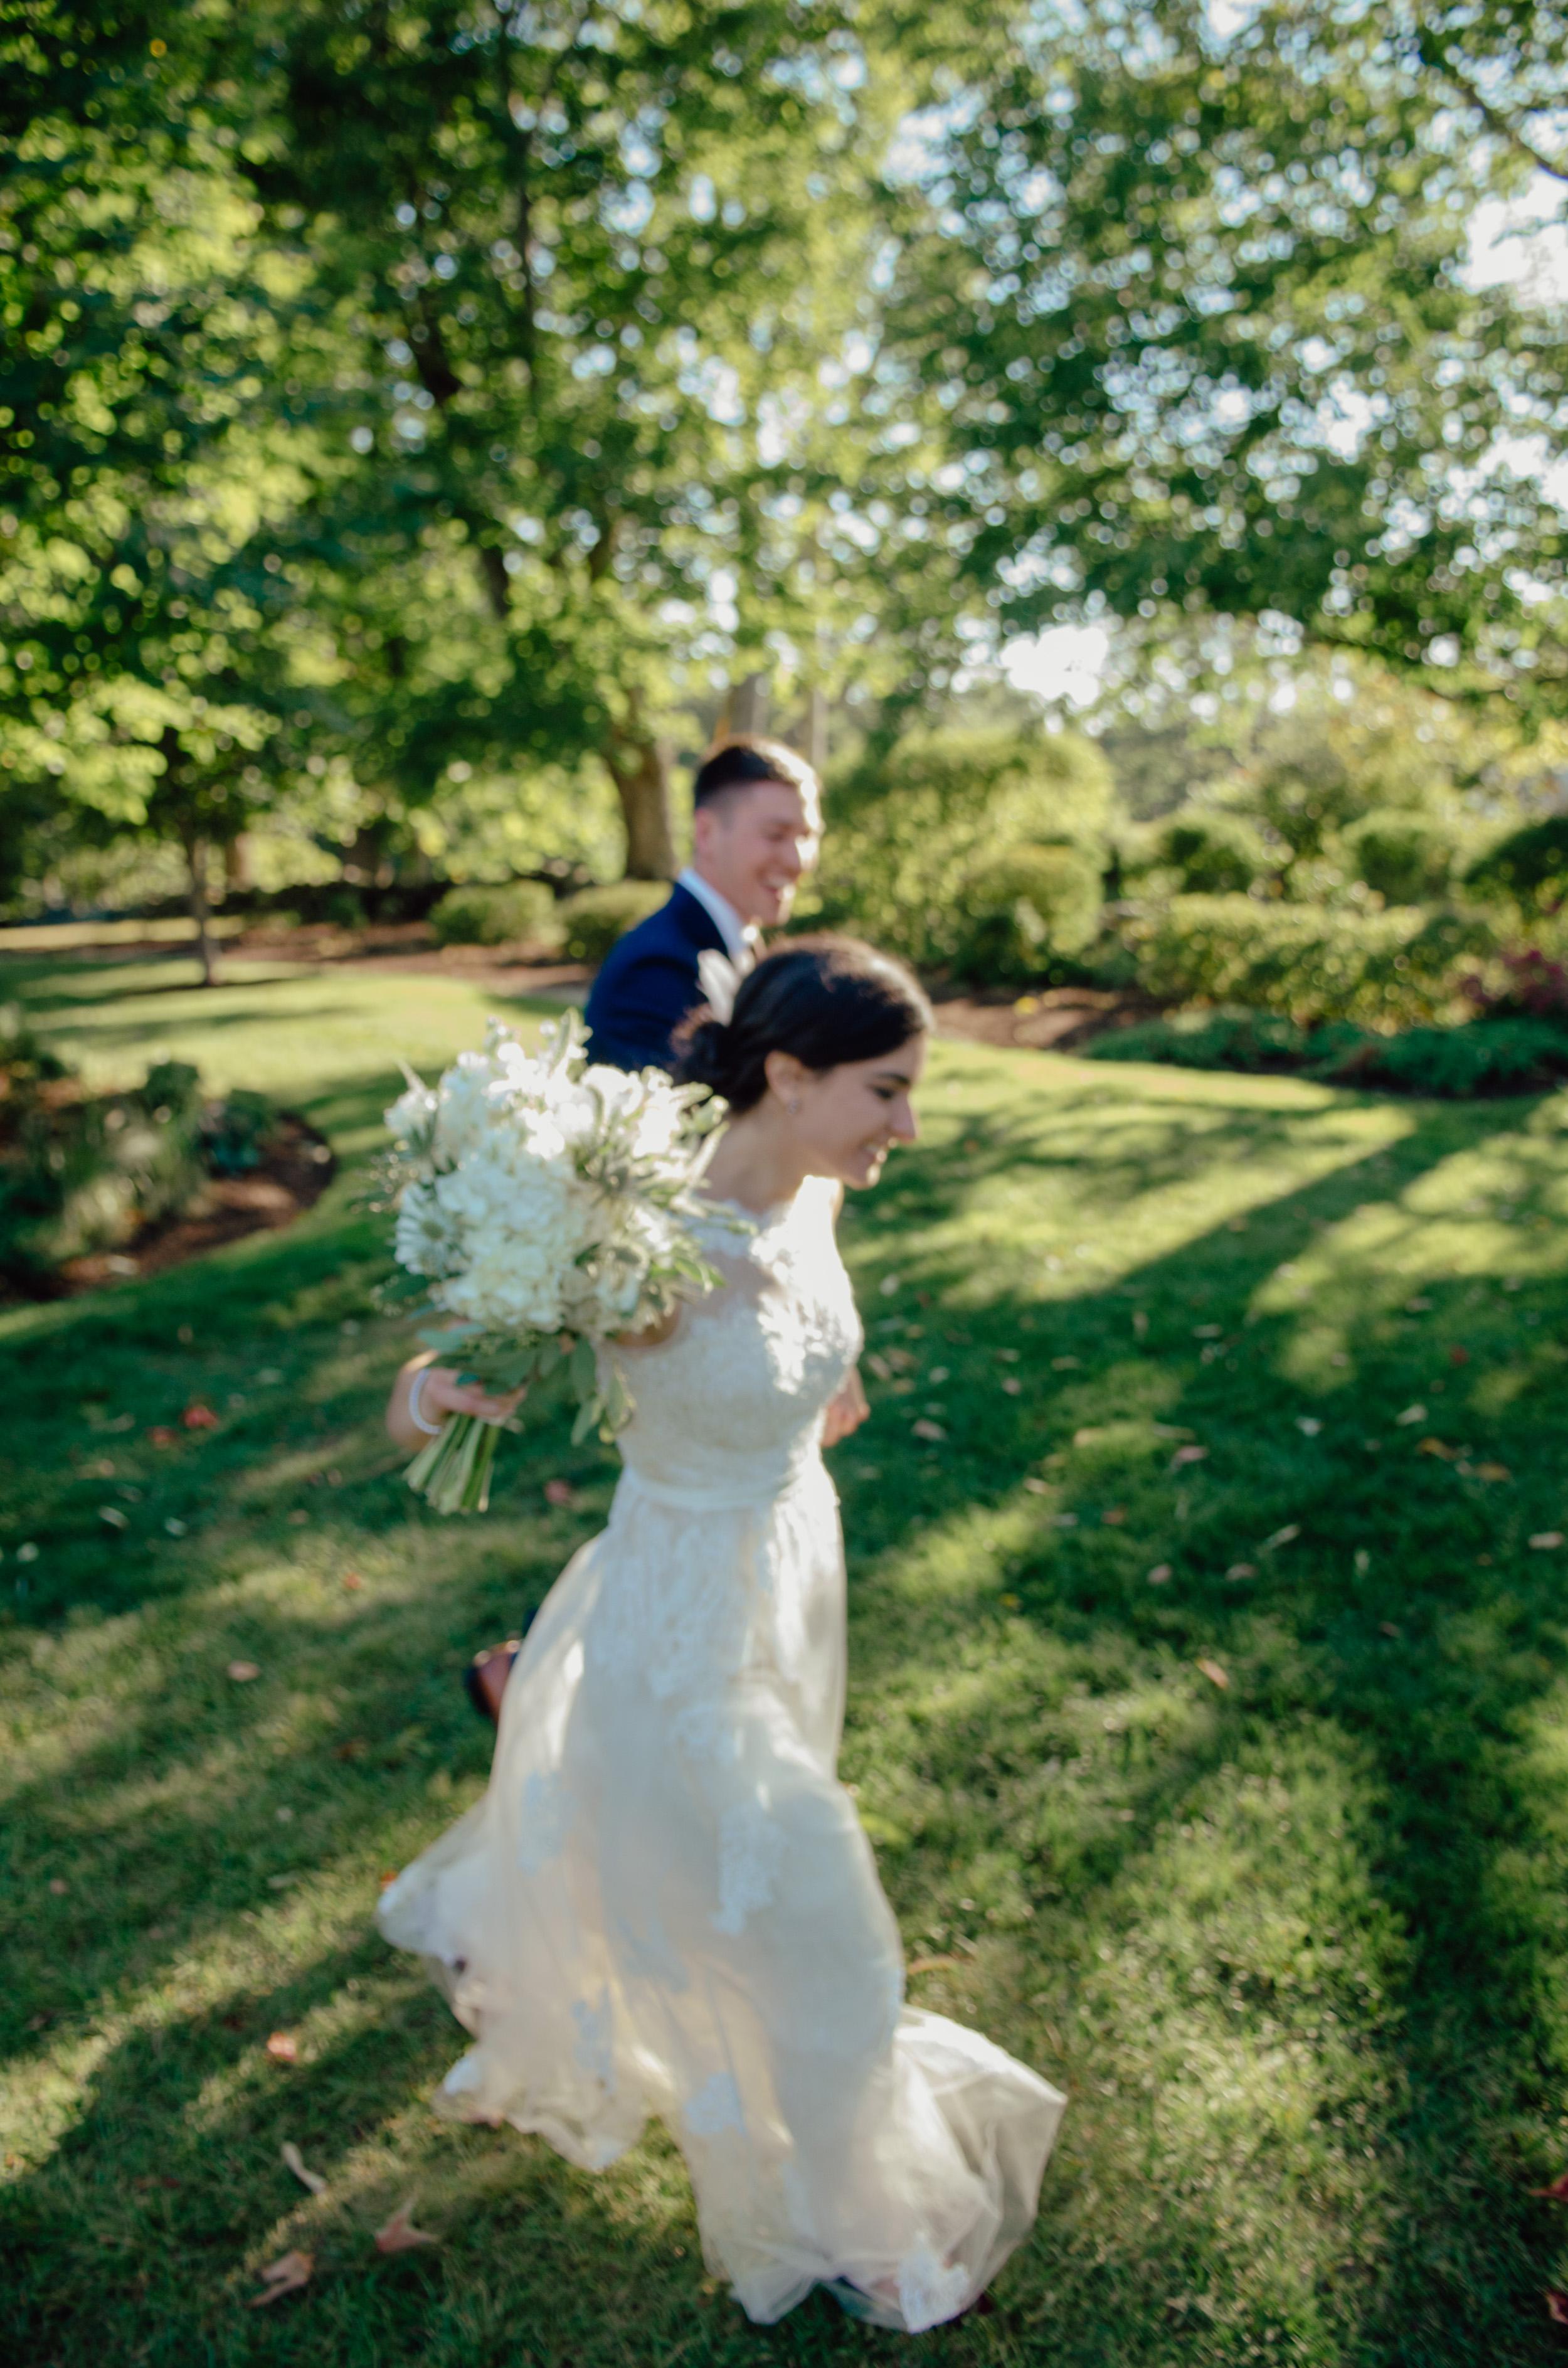 cleland-studios-weddings-69.jpg